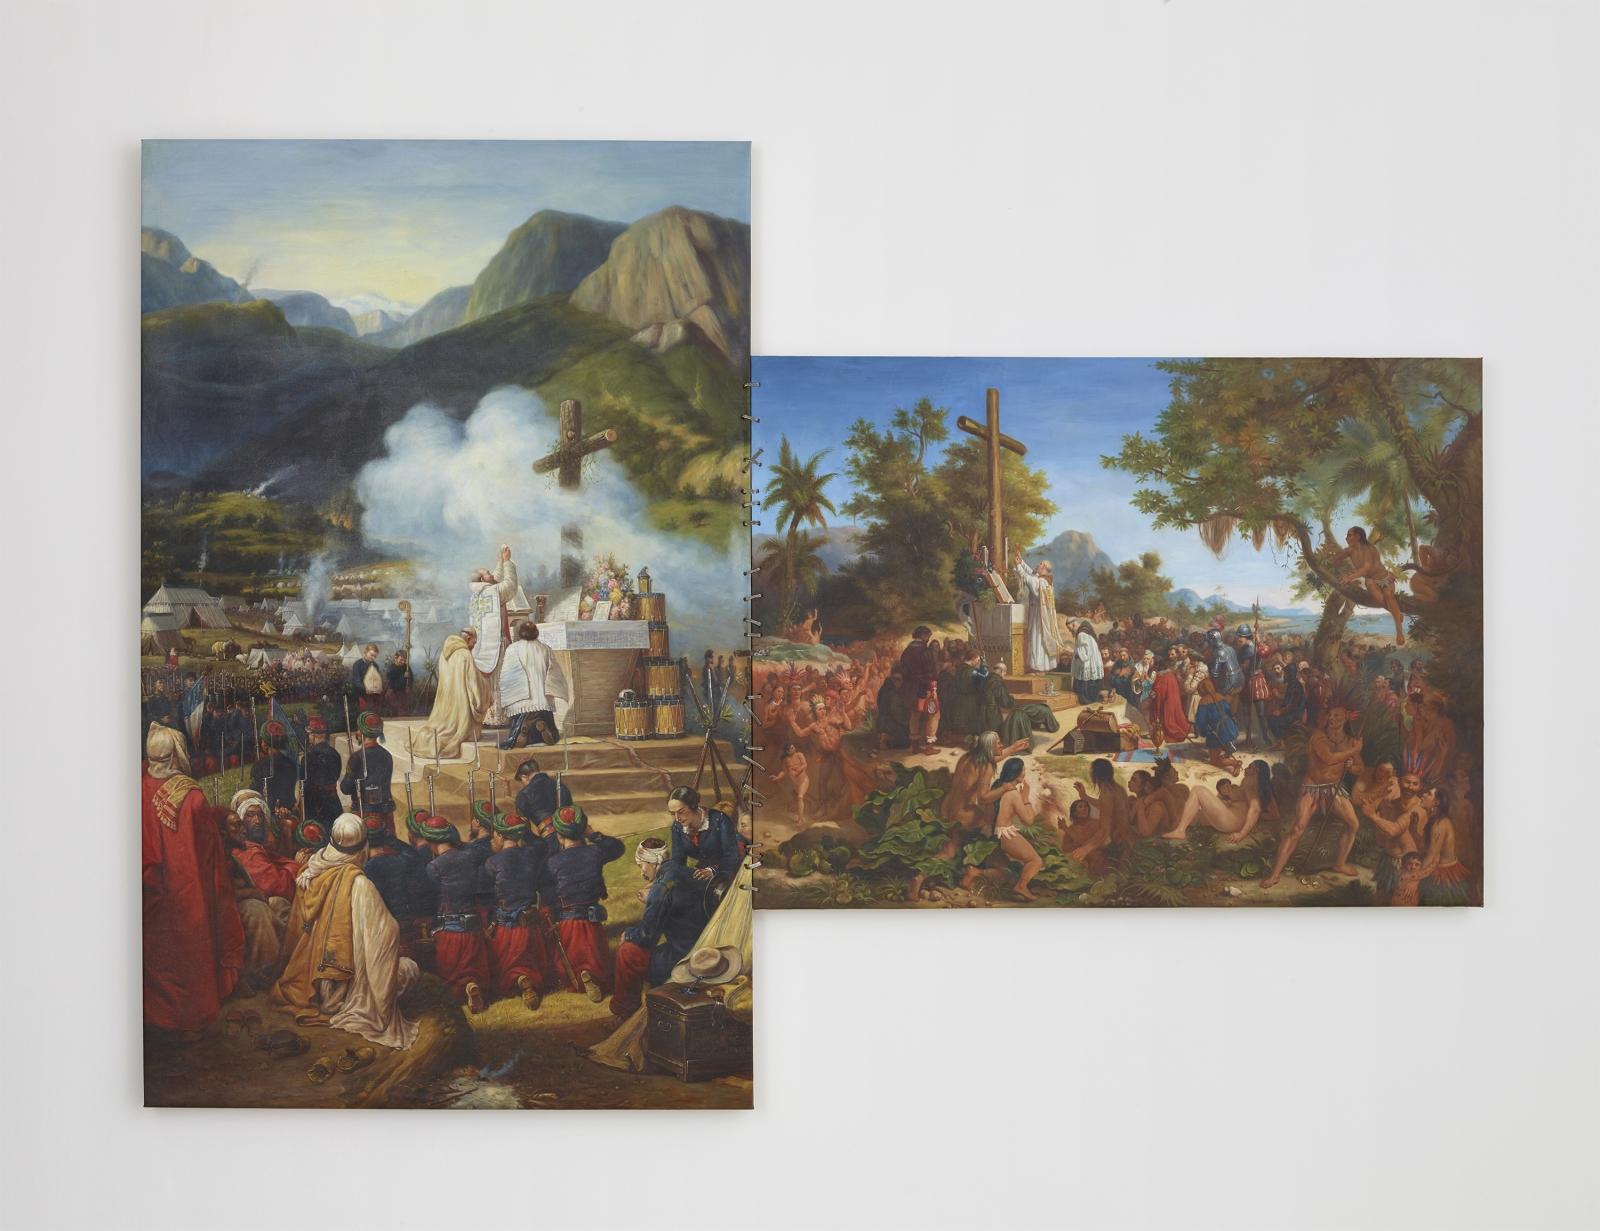 卡德·阿提亞 Colonial Modernity: the first mass in Brazil and Algeria, 2014